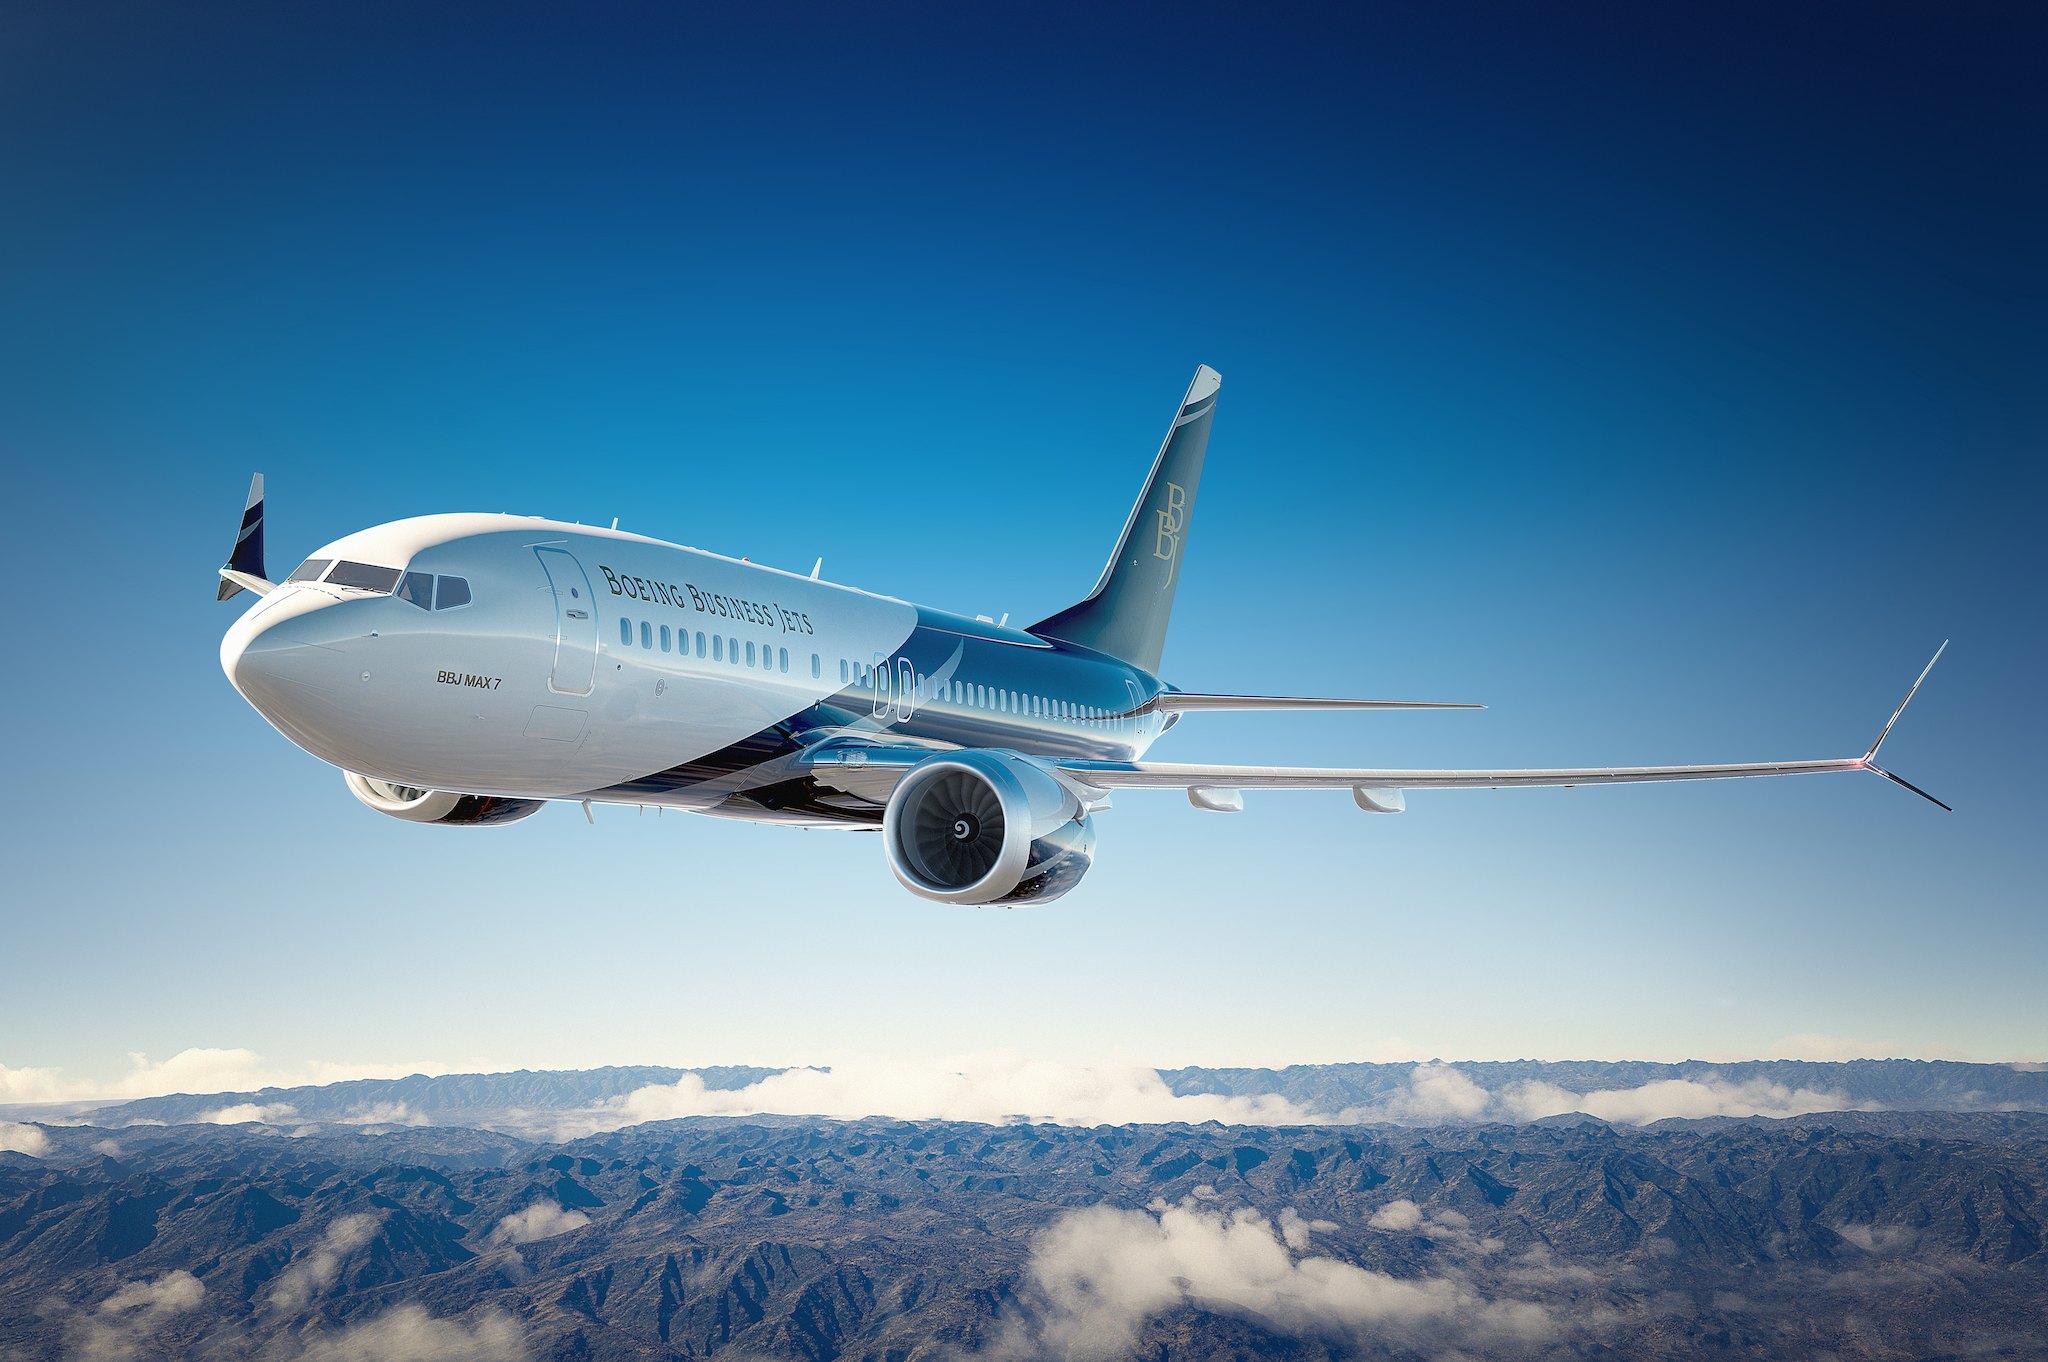 BBJ 737 MAX